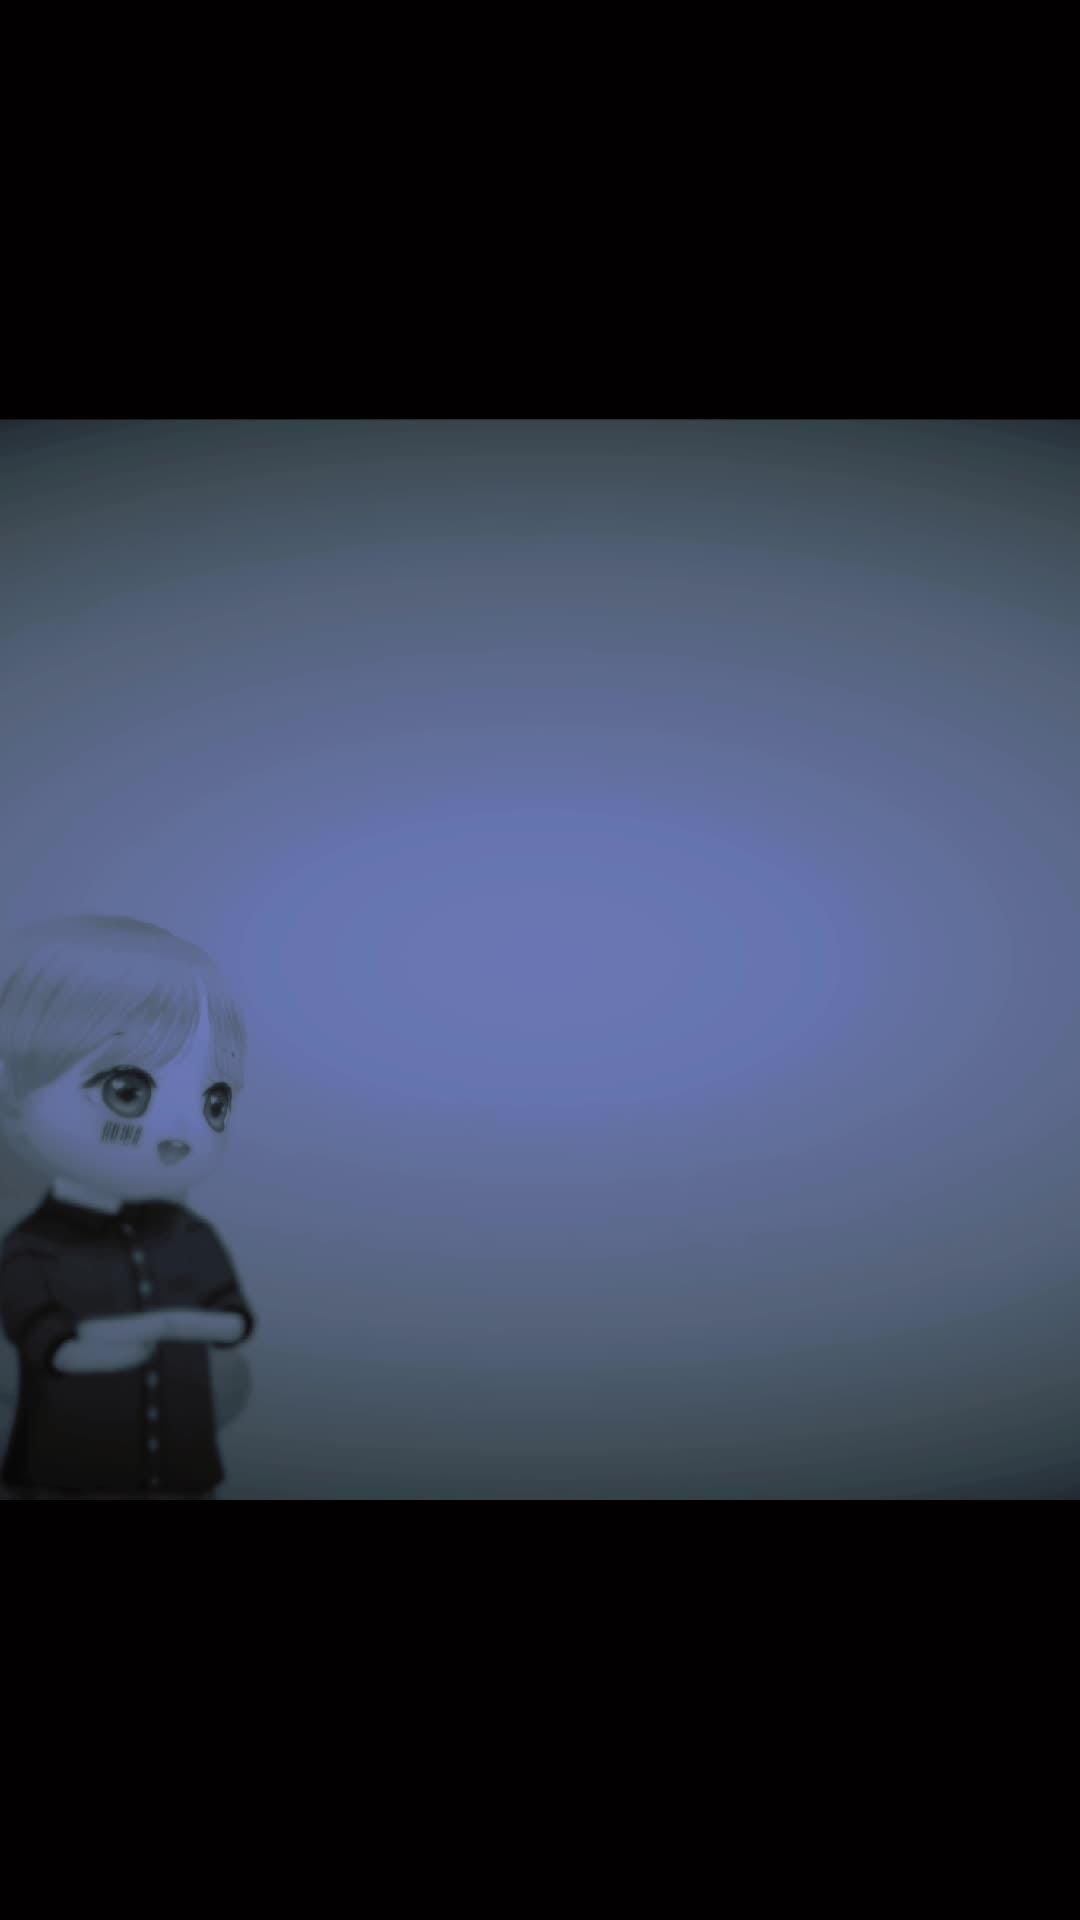 こおり鬼 Online!: 自由掲示板 - はげたか video cover image 1